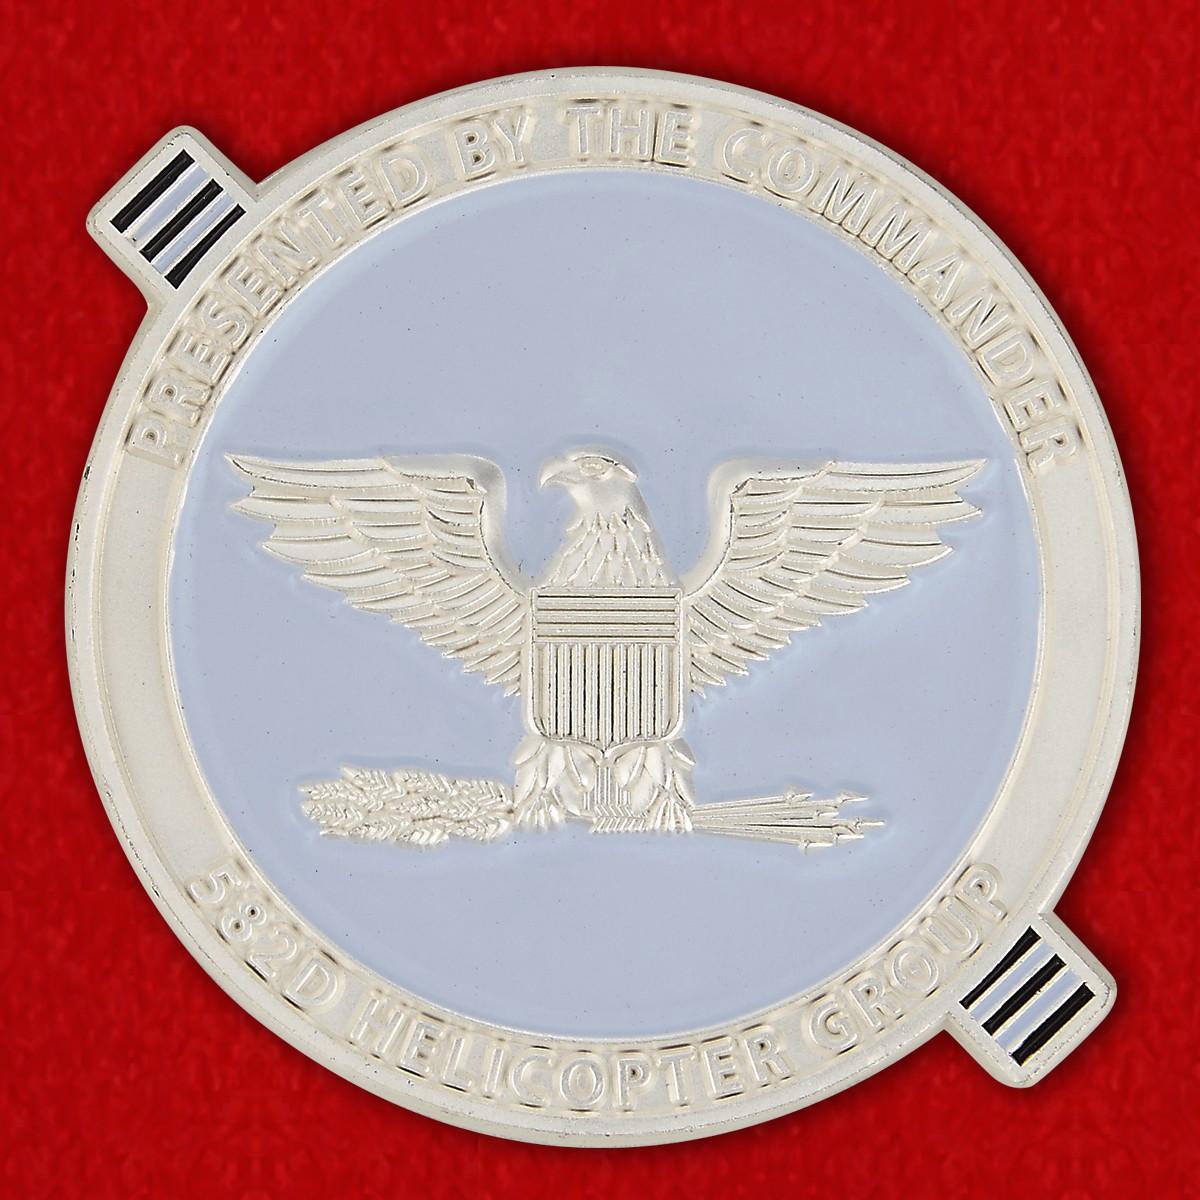 Челлендж коин 582-й вертолетной группы обеспечения МКБР 20-й армии Командования глобальных ударных сил ВВС США